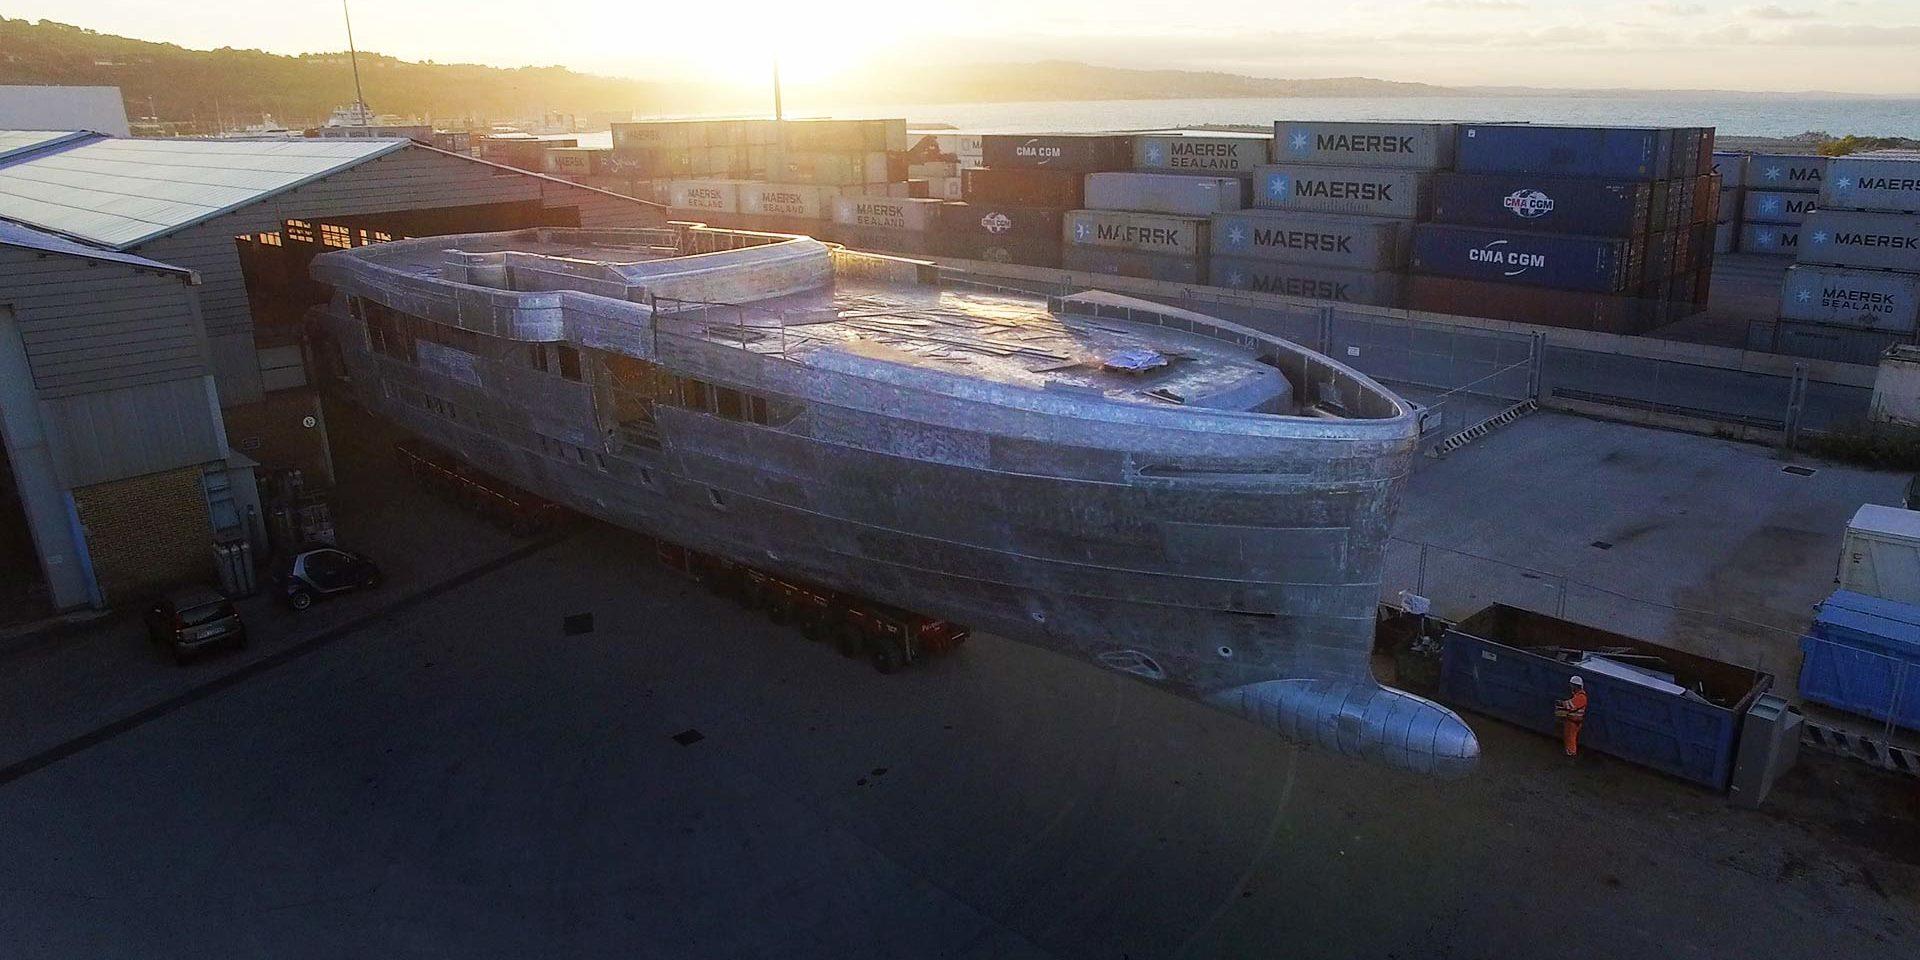 WIDER 165 – A superyacht under construction